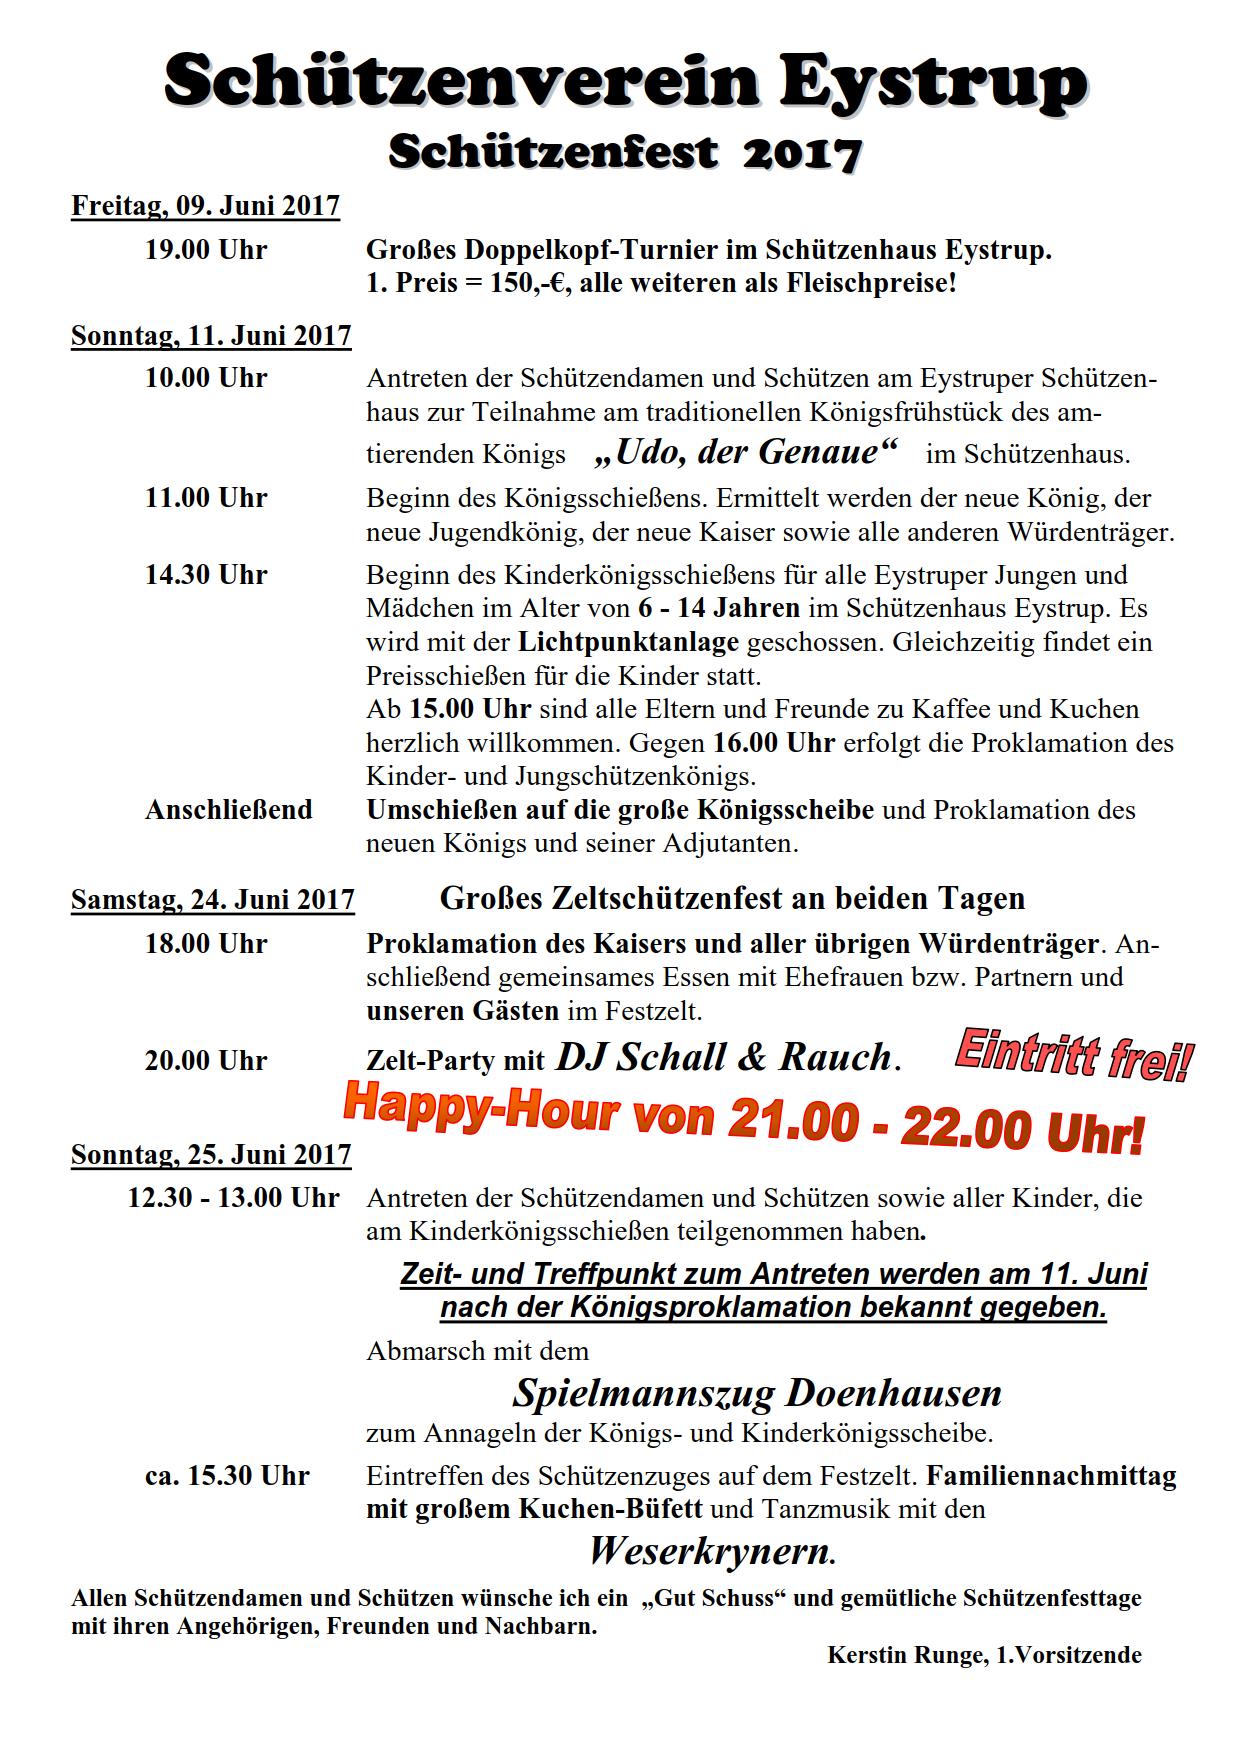 Schuetzenfest 2017